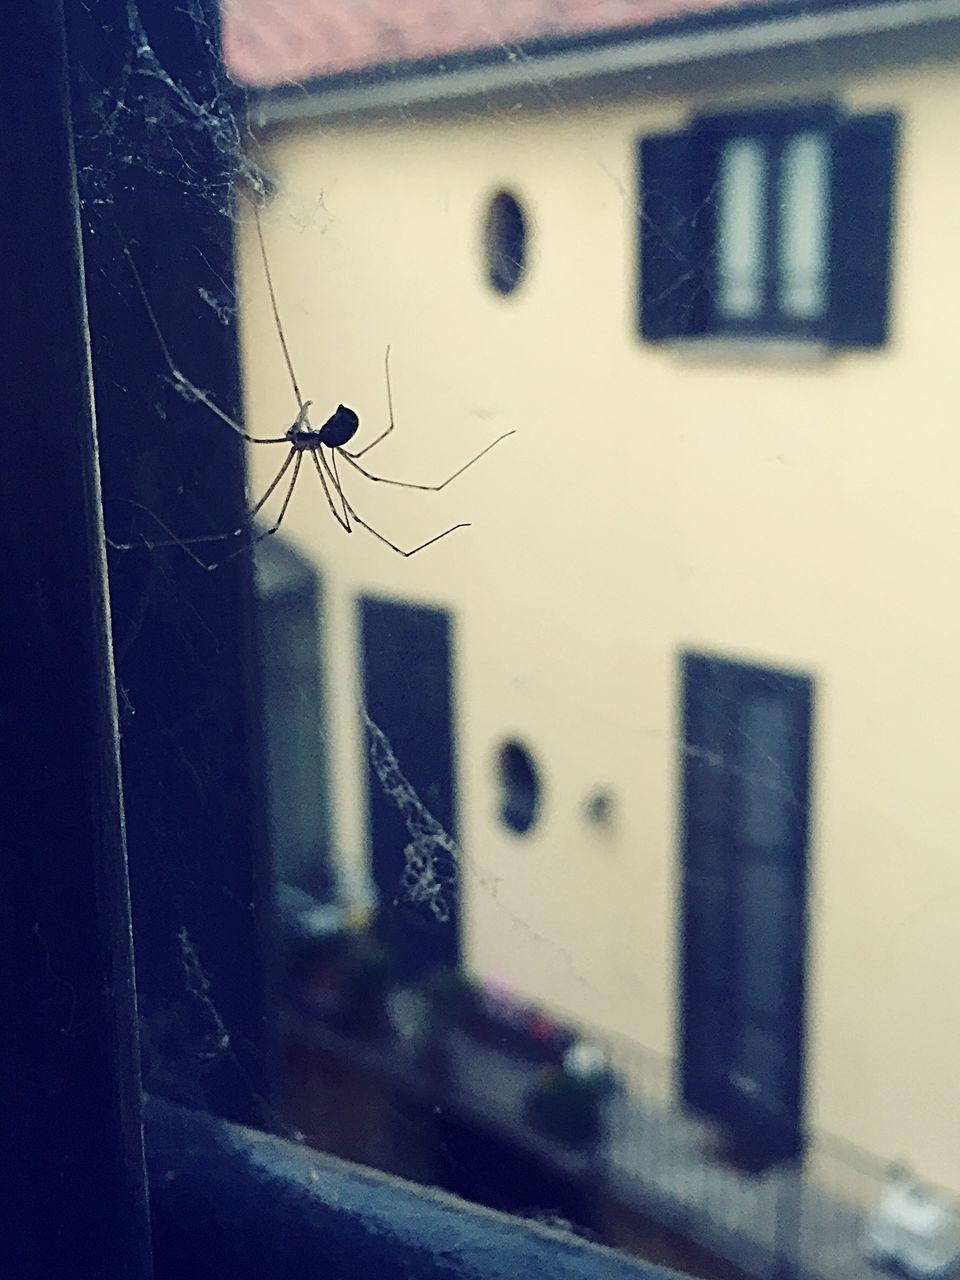 Spider On Glass Window